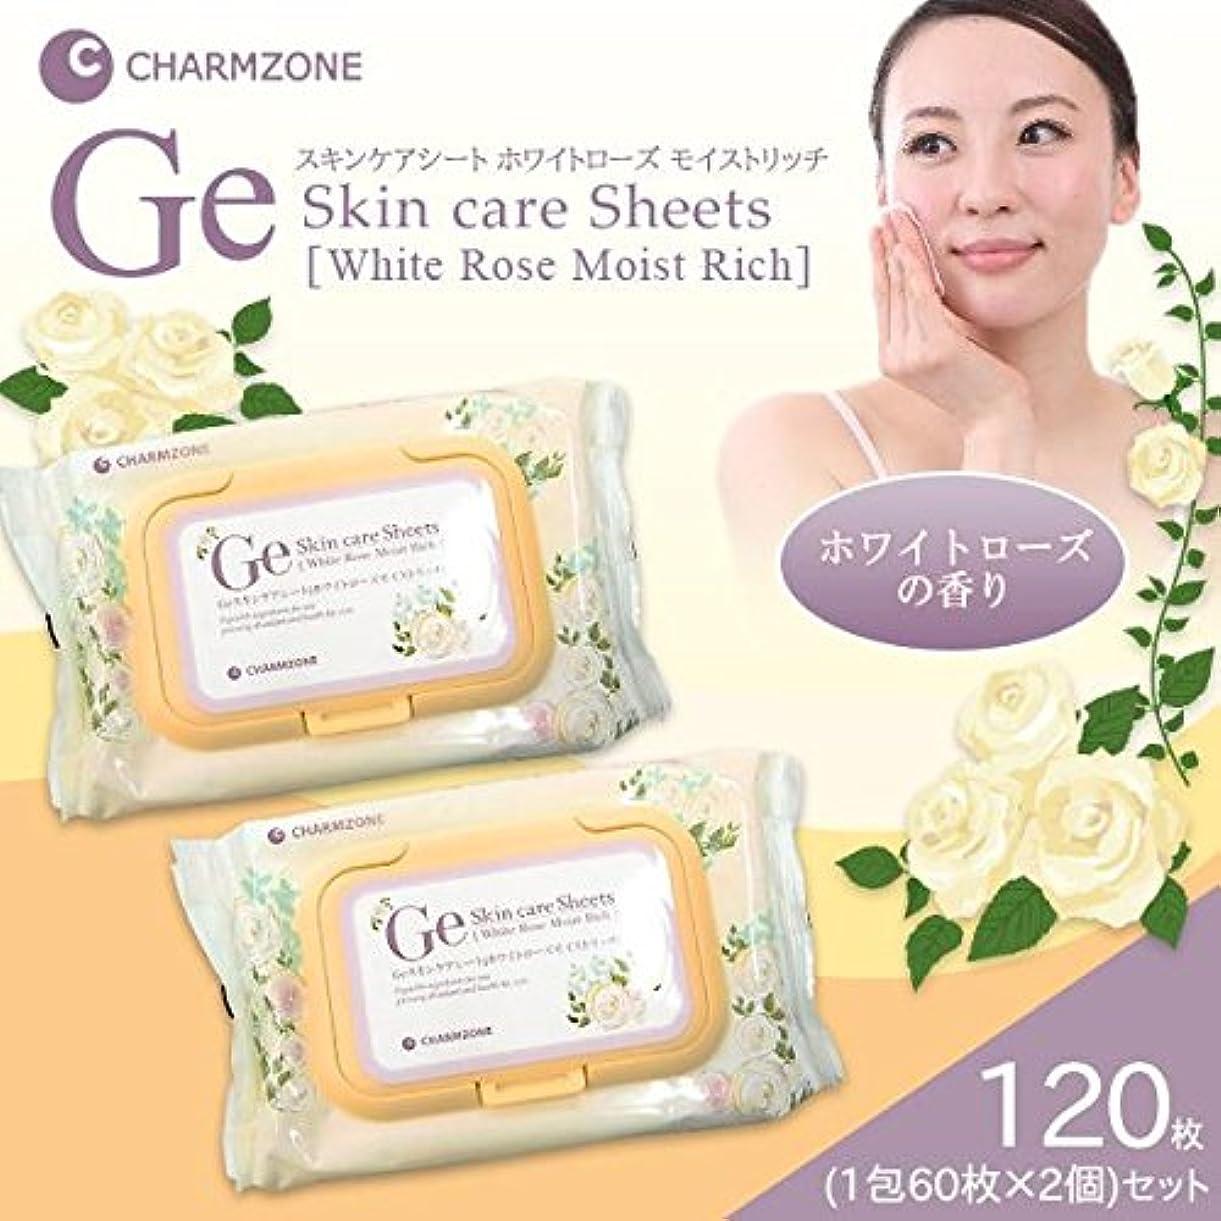 一般ロック解除チーズ韓国コスメ チャームゾーン Geスキンケアシート ホワイトローズモイストリッチ 120枚(1包60枚×2個)セット